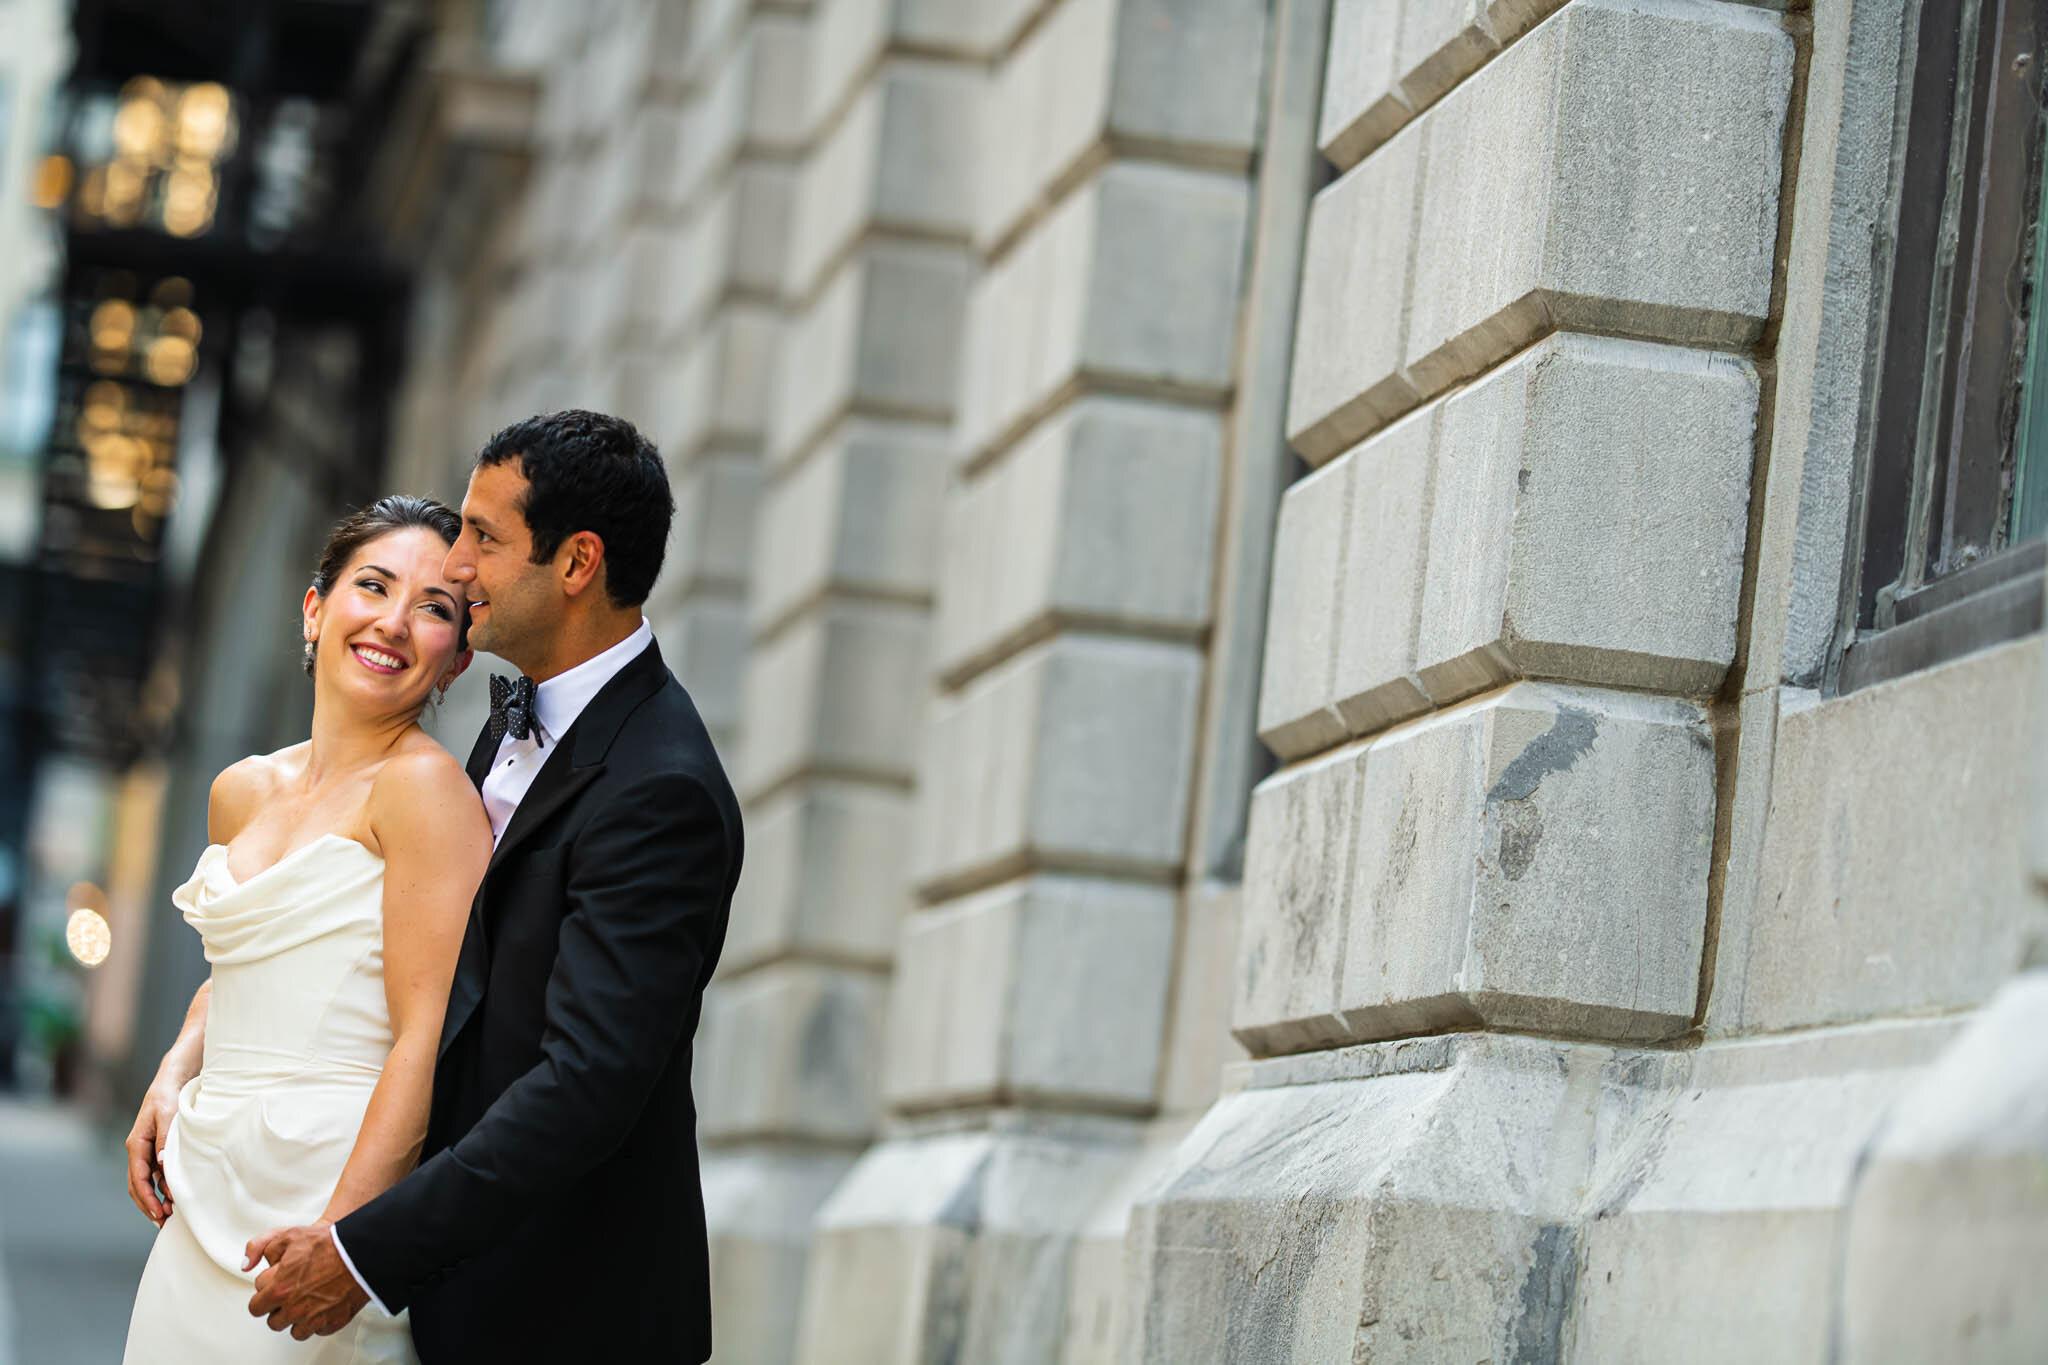 Montreal Wedding Photographer AshleyMacPhee (19 of 49).jpg